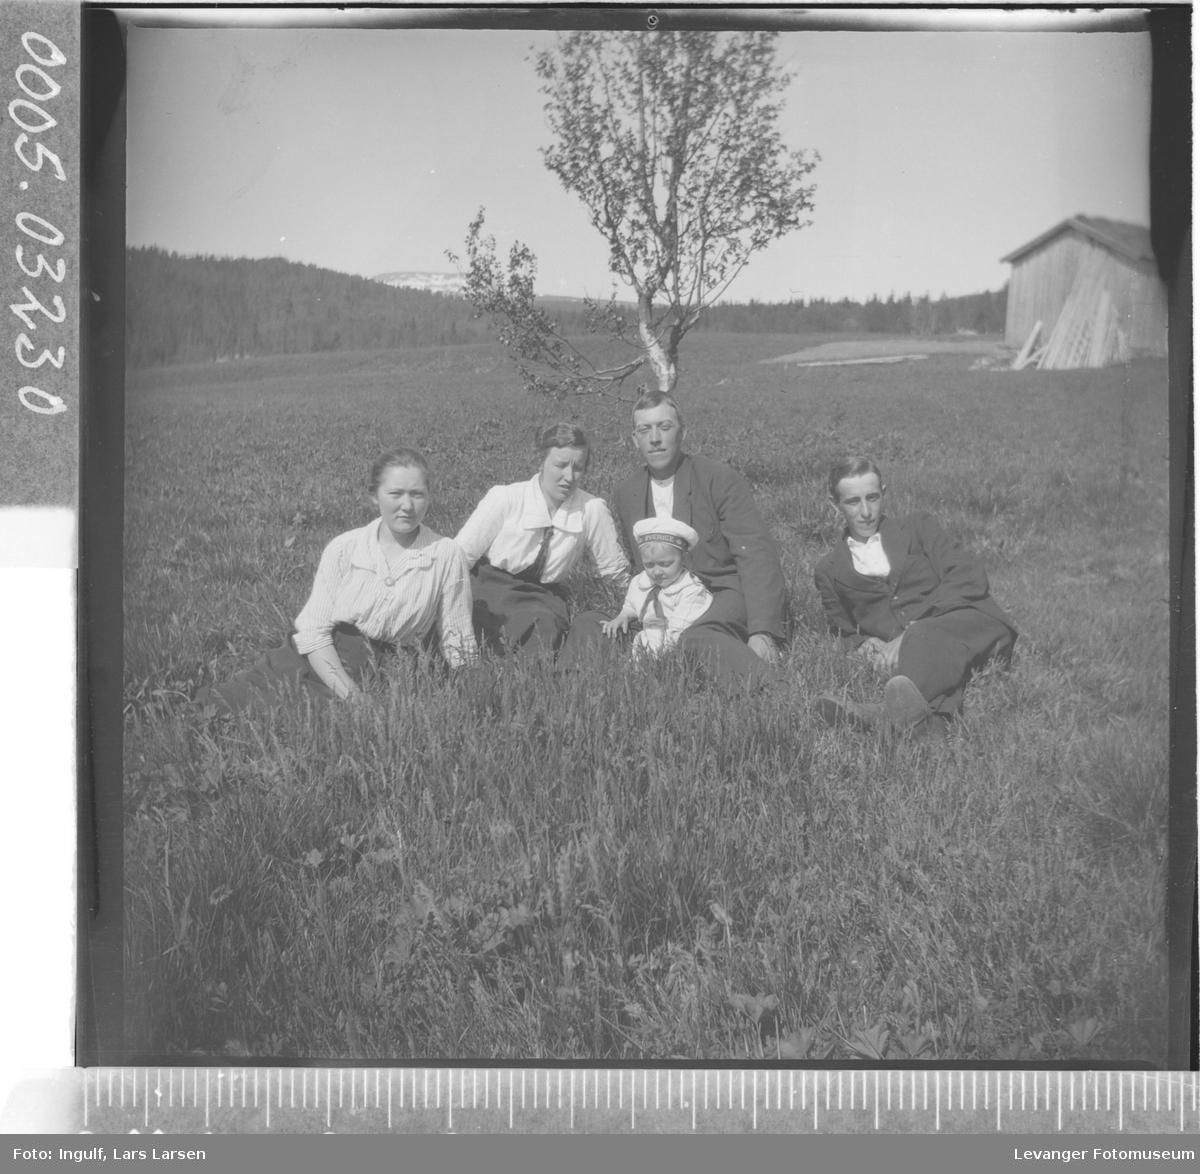 Gruppebilde av to kvinner, to menn og en gutt som sitter i gresset.